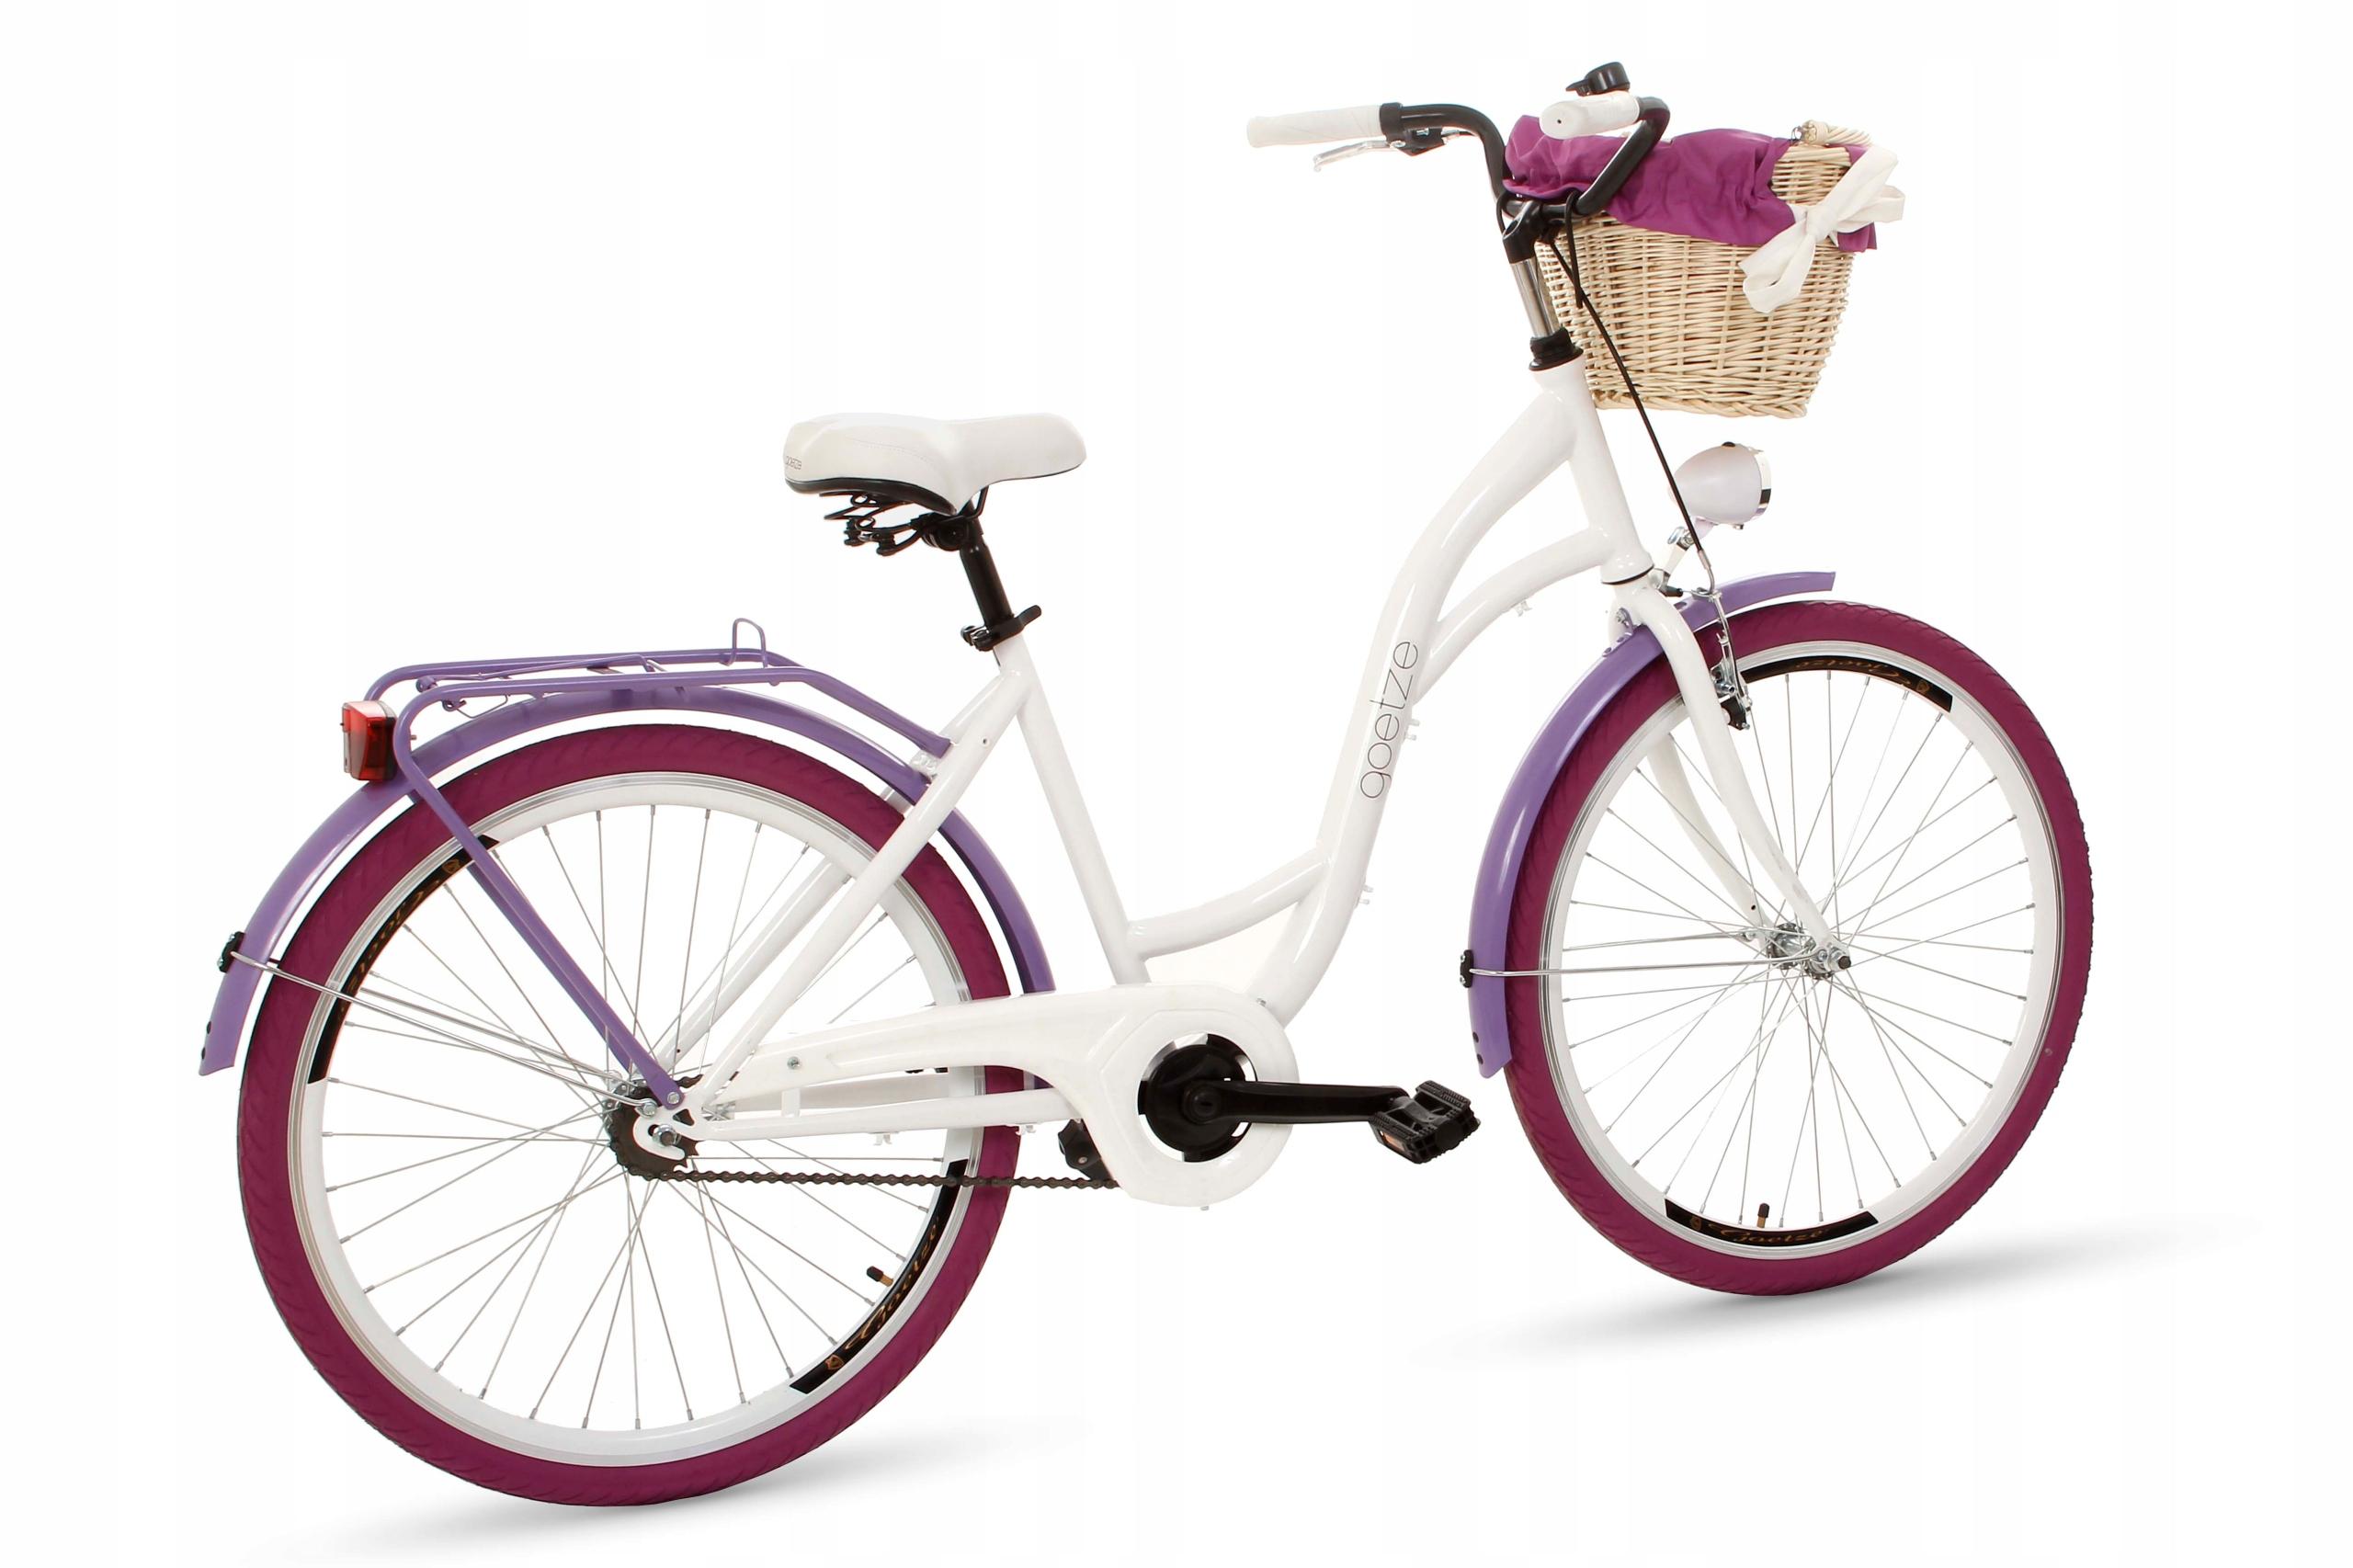 Dámsky mestský bicykel Goetze COLORS 26 košík!  Modelové farby